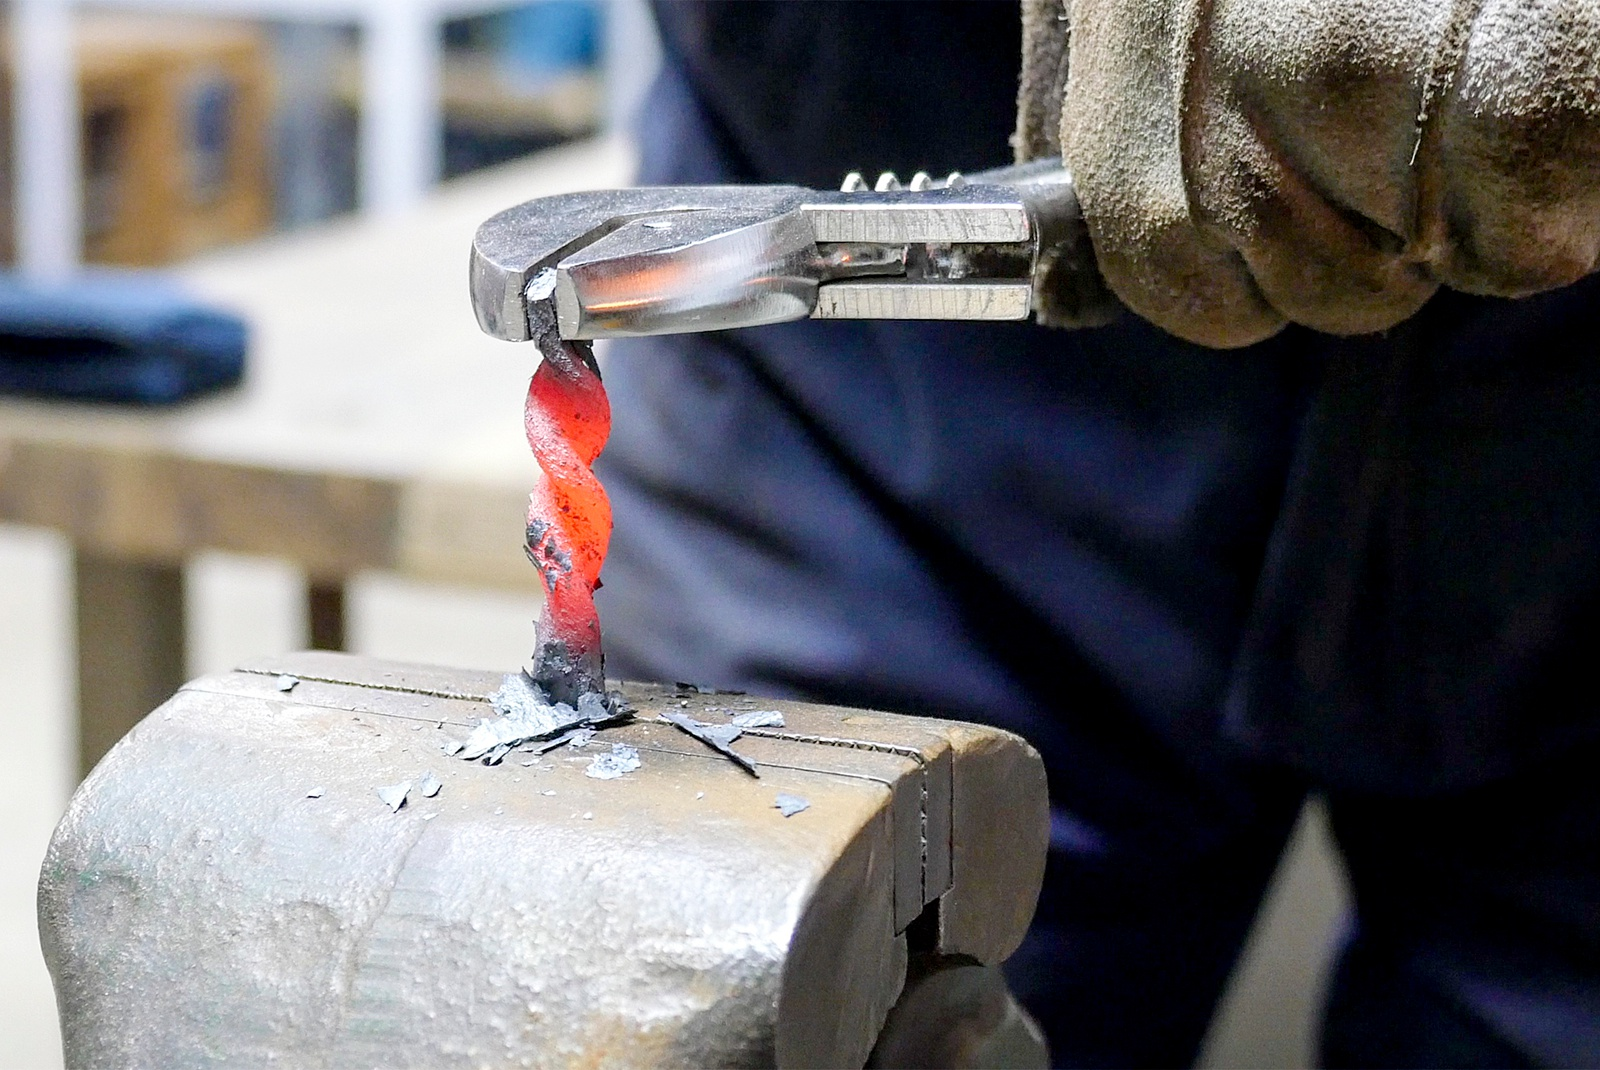 鉄のまち室蘭は「鉄」で盛り上げる!鉄の製作体験で復権目指すテツプロ